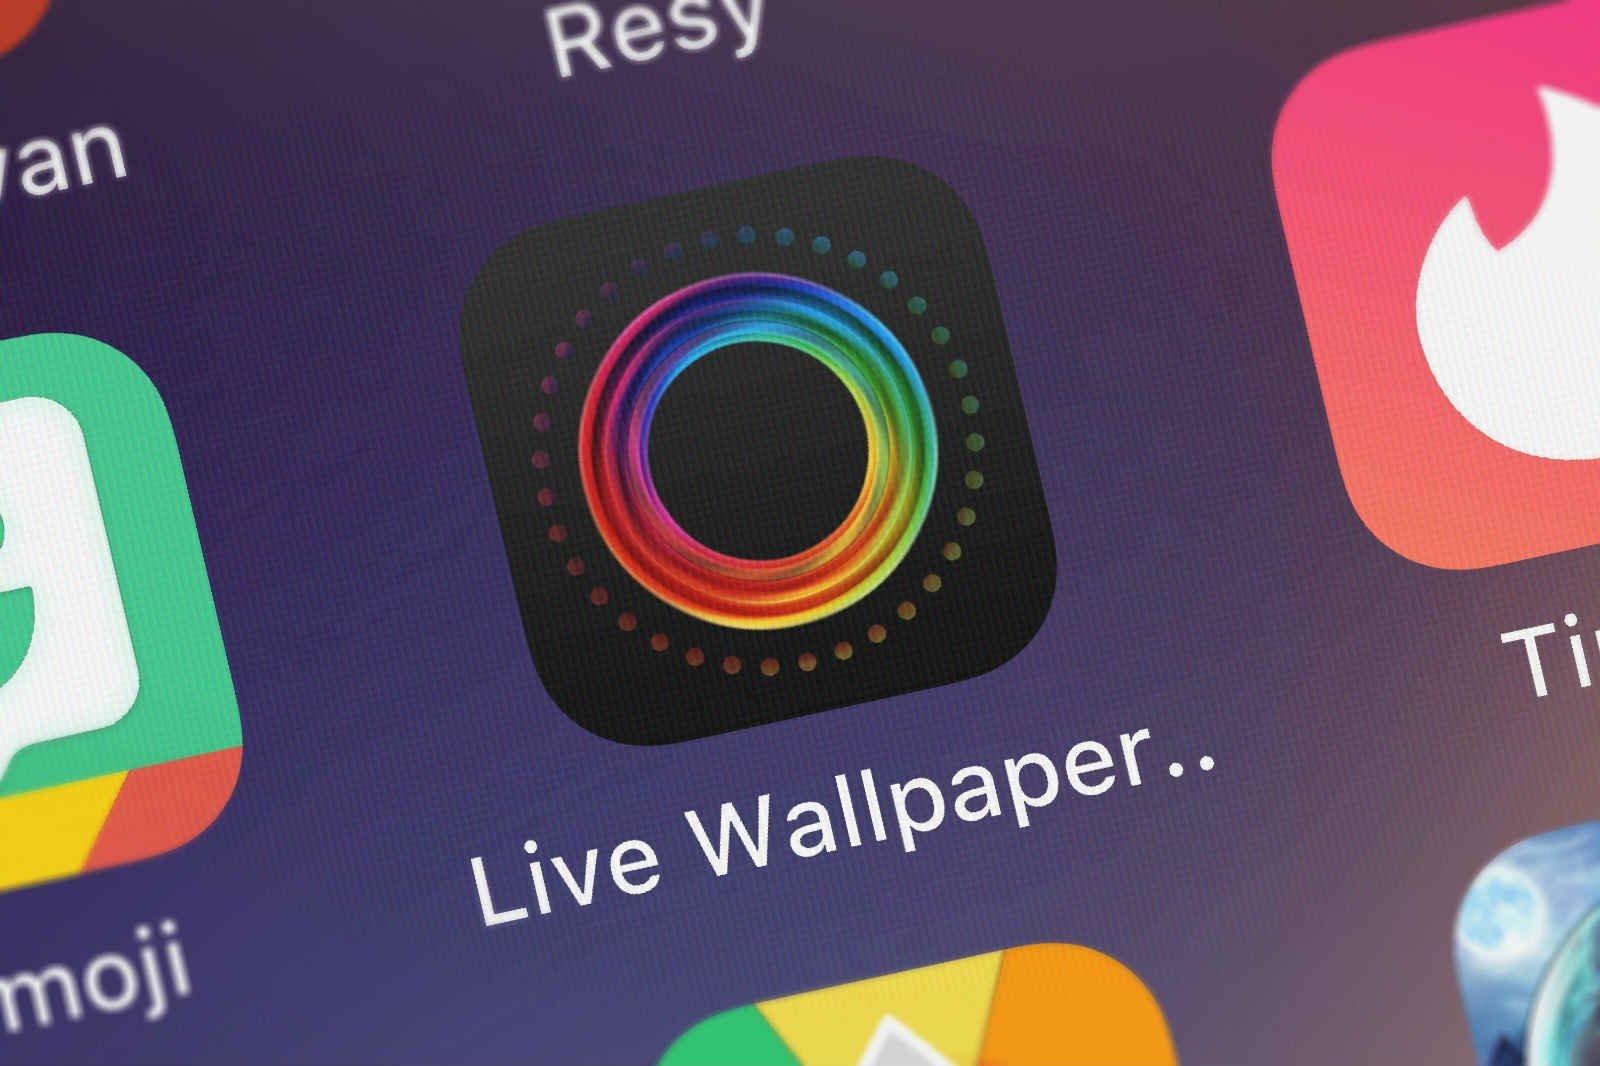 جعبه ابزار: بهترین اپلیکیشنها برای دانلود والپیپر زنده